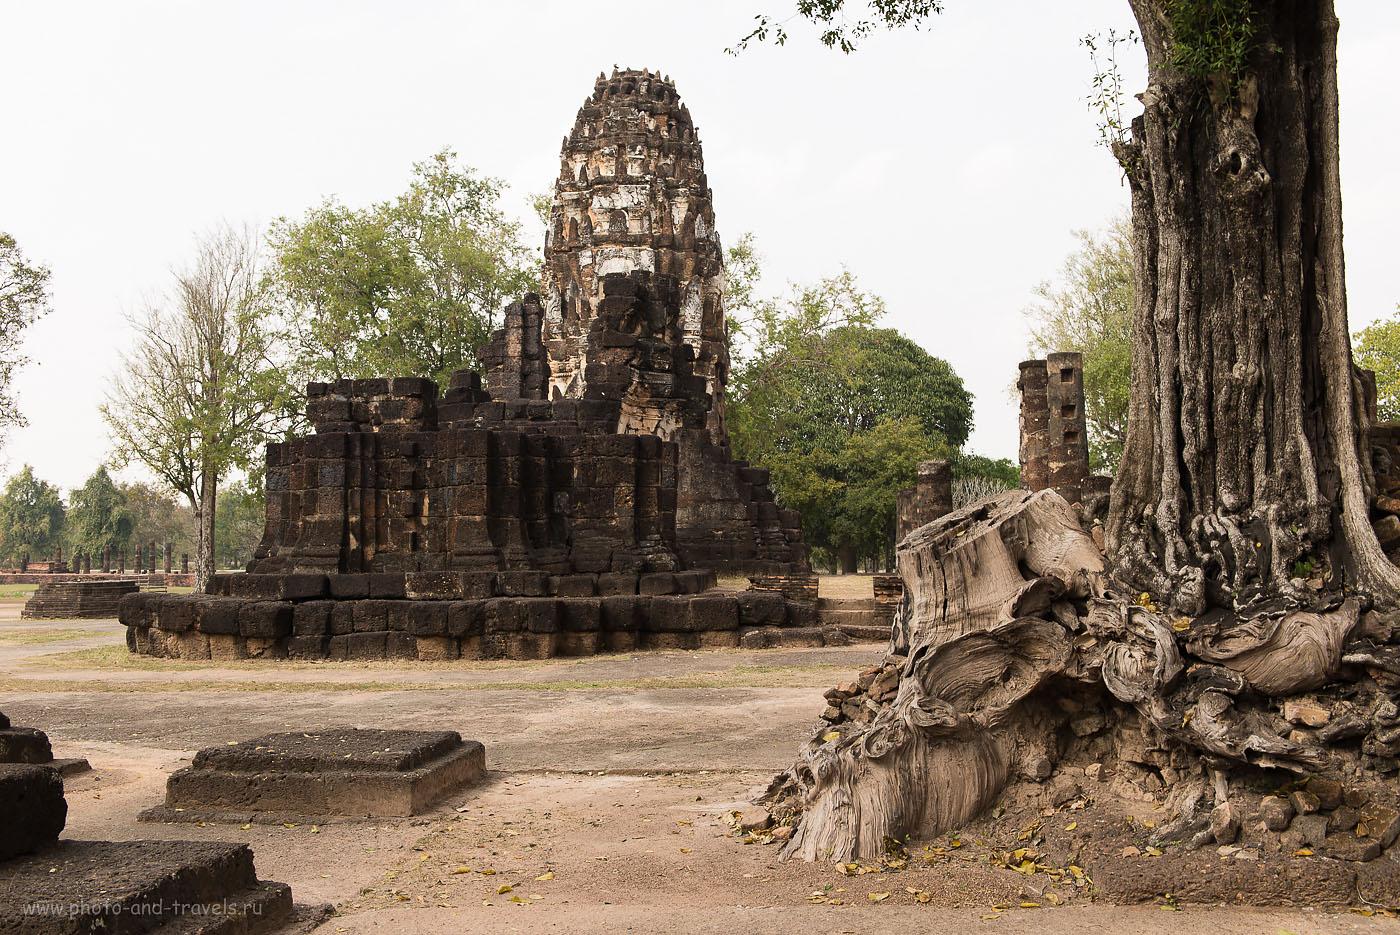 Фото 21. Наследие кхмеров - храм Wat Phra Phai Luang (Ват Пхра Пхай Луанг) в парке Сукхотаи. Туры в Таиланд самостоятельно.